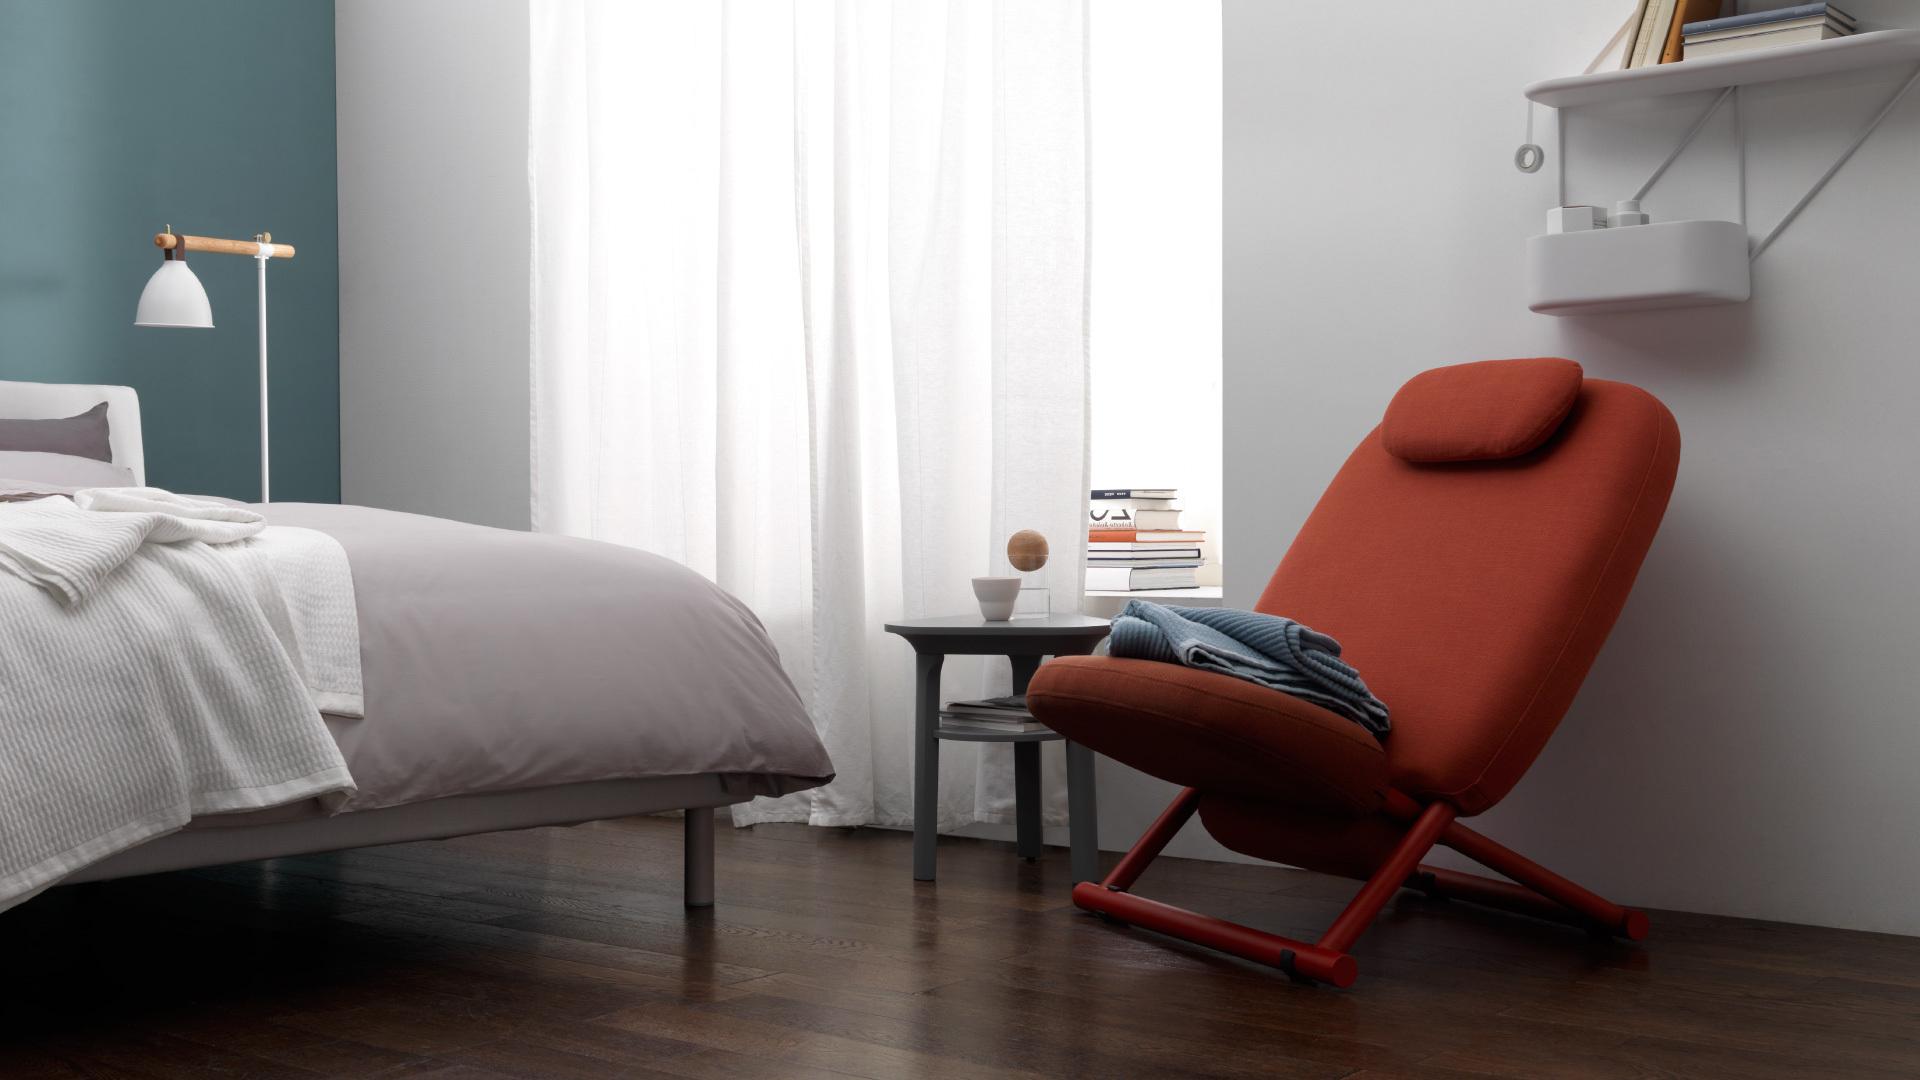 卧室一角的悠闲补充